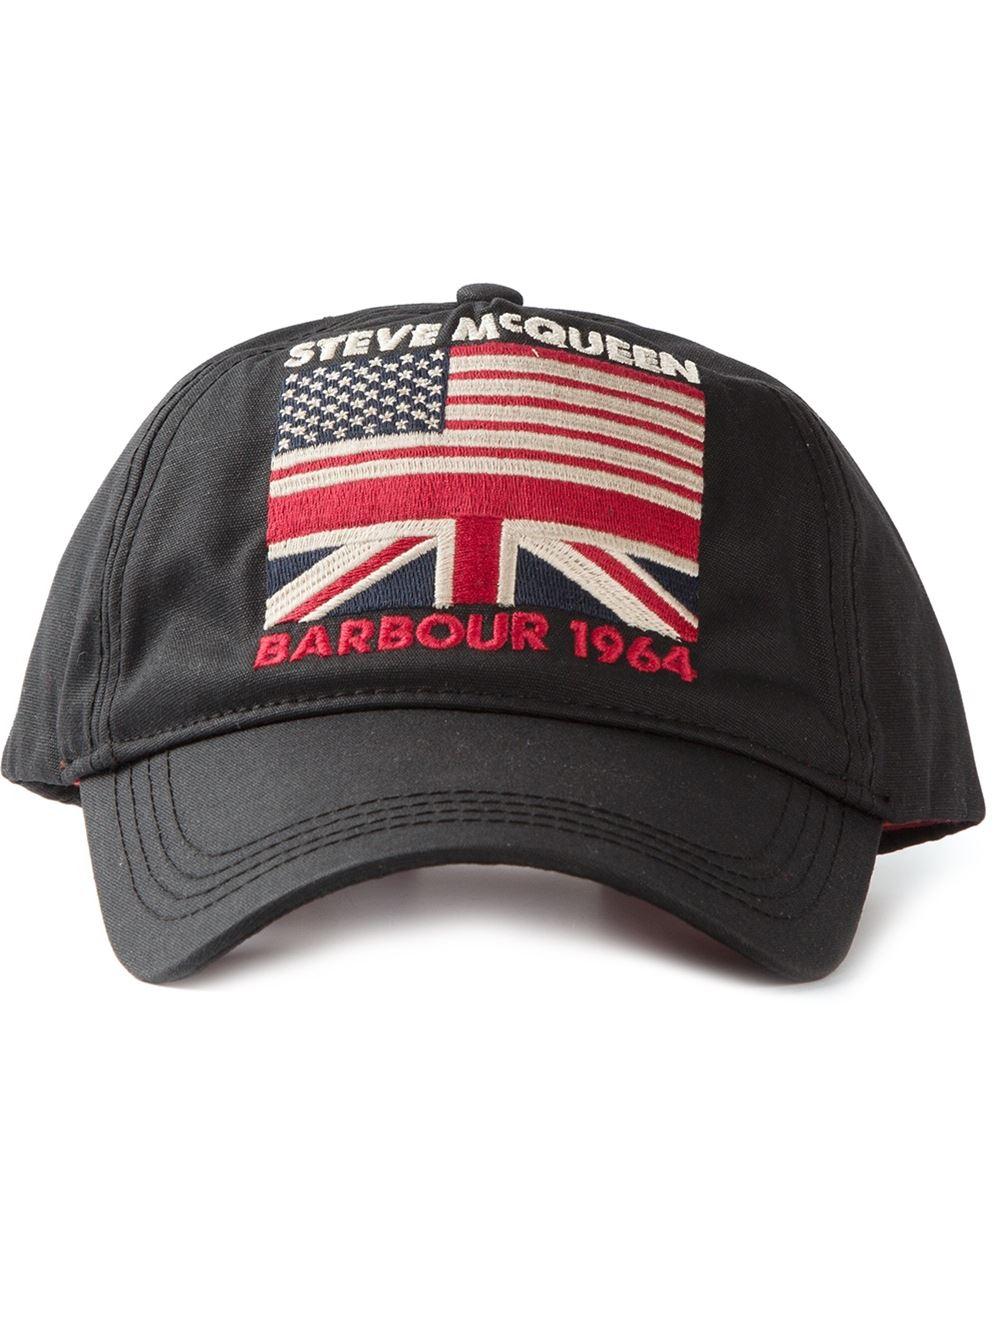 32fcd2bb13225 Barbour Steve Mcqueen Usa Flag Cap in Black for Men - Lyst